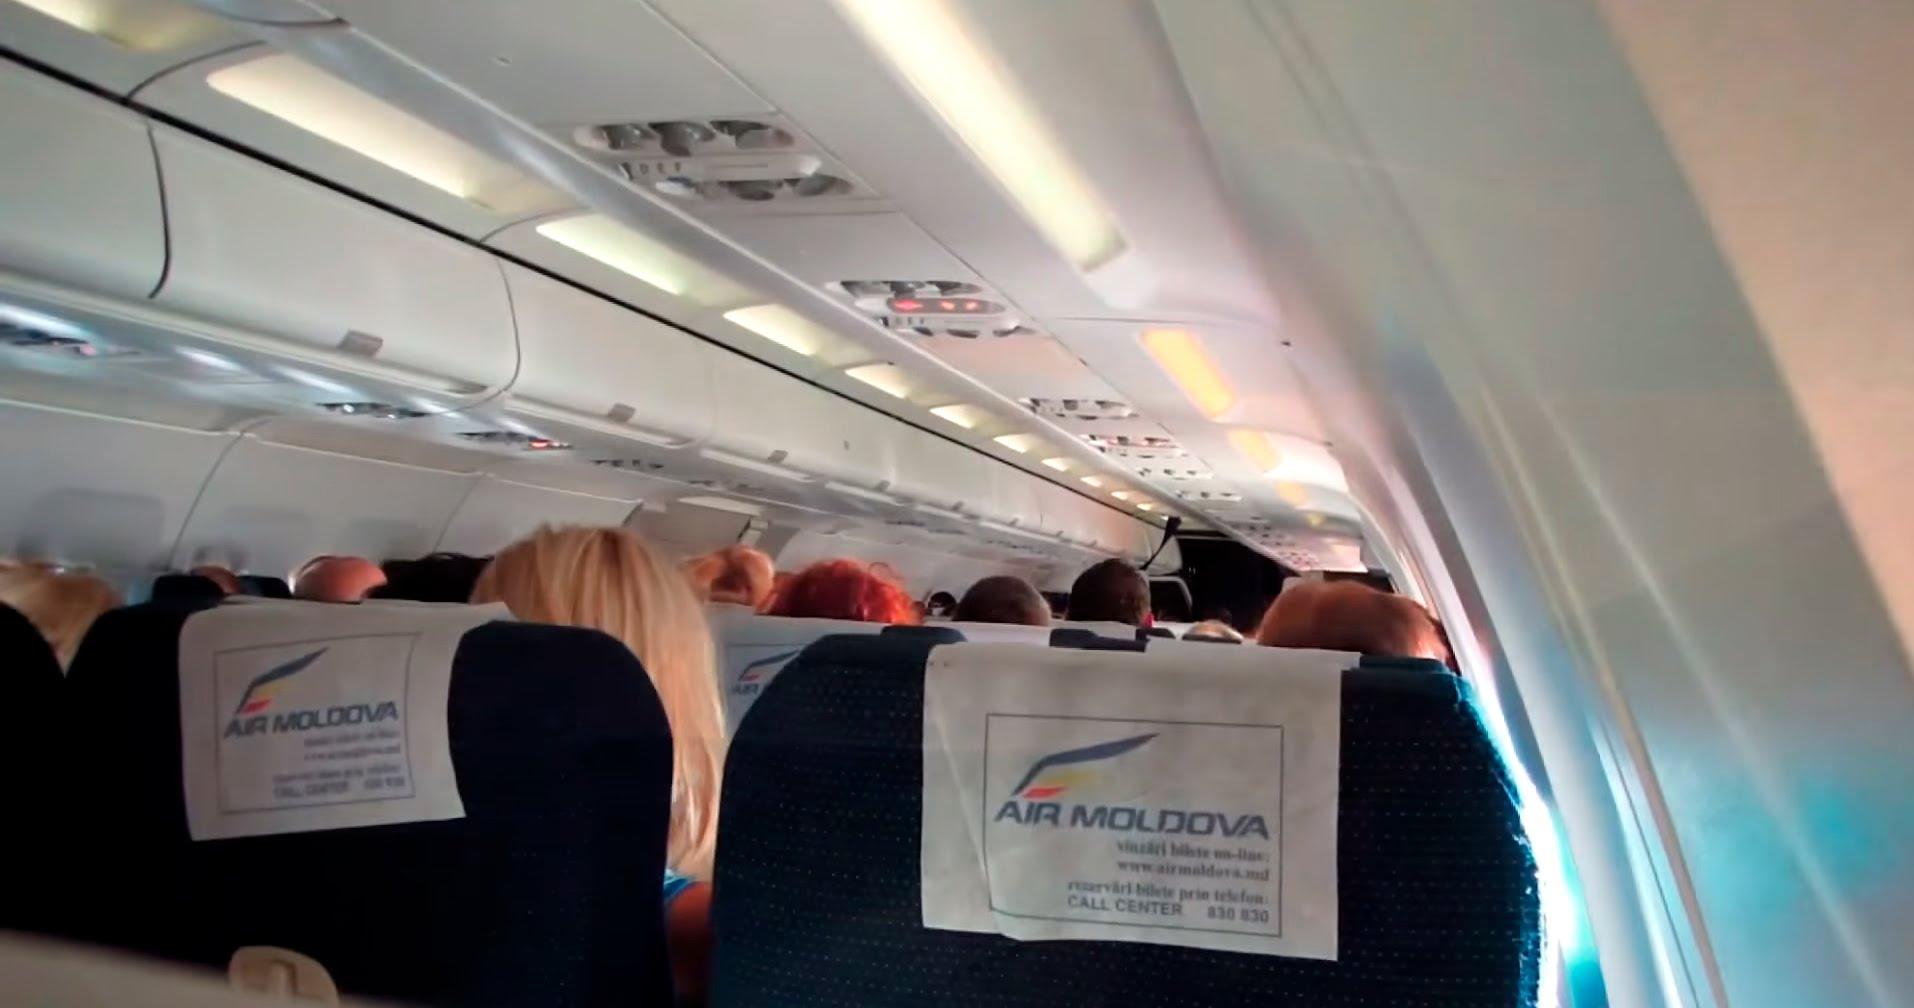 В Air Moldova пояснили причину мучений пассажиров в душном самолете